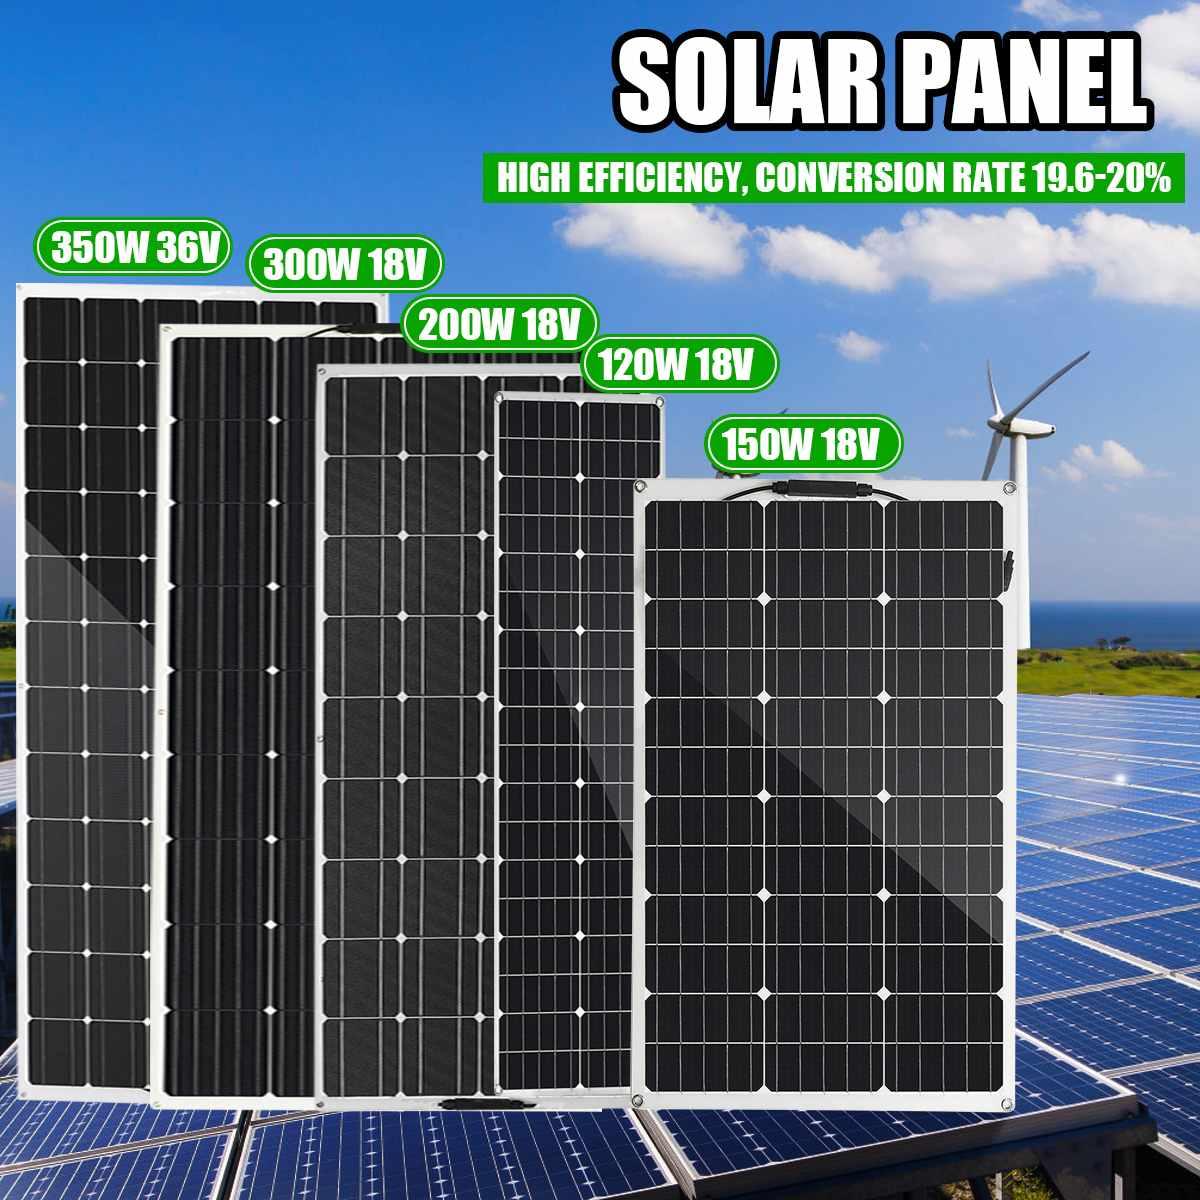 120 واط/150 واط/200 واط/300 واط شبه مرنة لوحة طاقة شمسية 18 فولت 36 فولت USB الخلايا الشمسية لتقوم بها بنفسك وحدة في الهواء الطلق موصل شاحن بطارية ل RV قار...